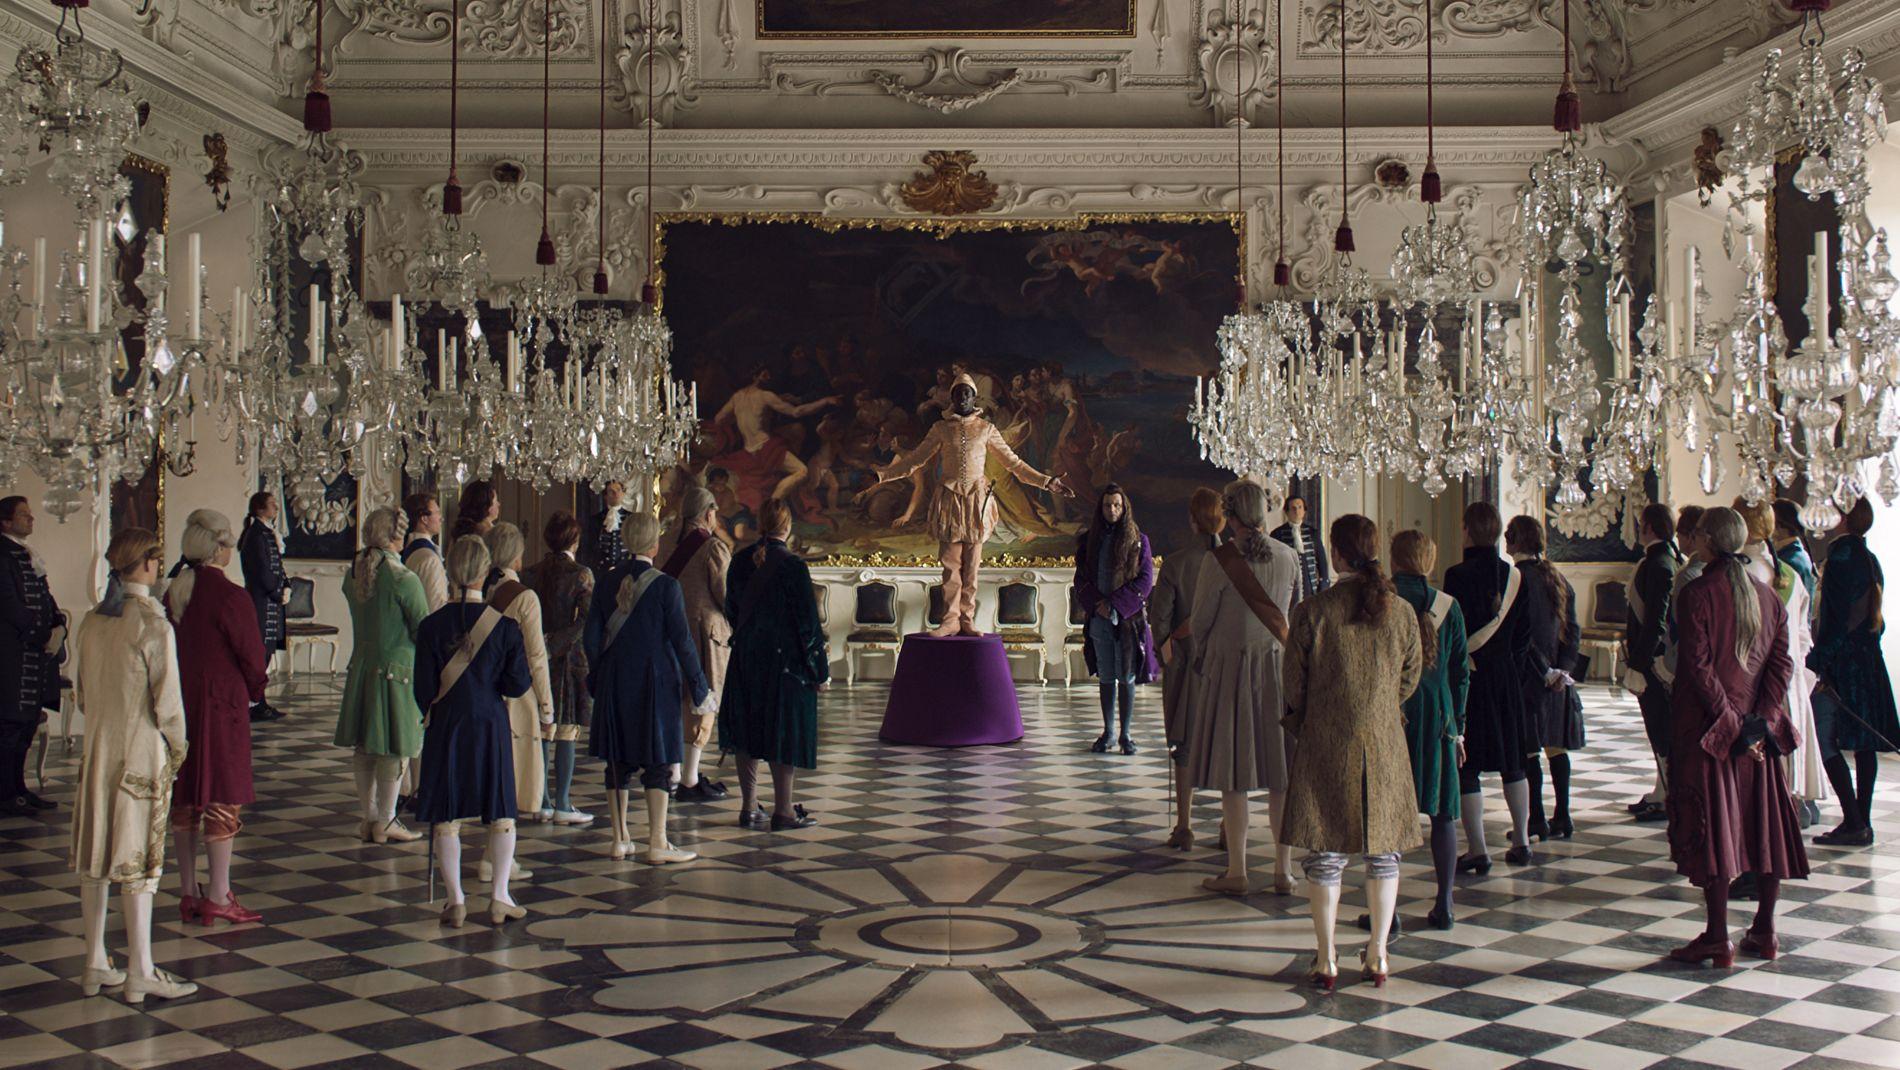 """In einem großen Saal betrachten einige Menschen einen Mann auf einem Podest. Es scheint als würde er ausgestellt werden. Szene aus """"Angelo"""""""